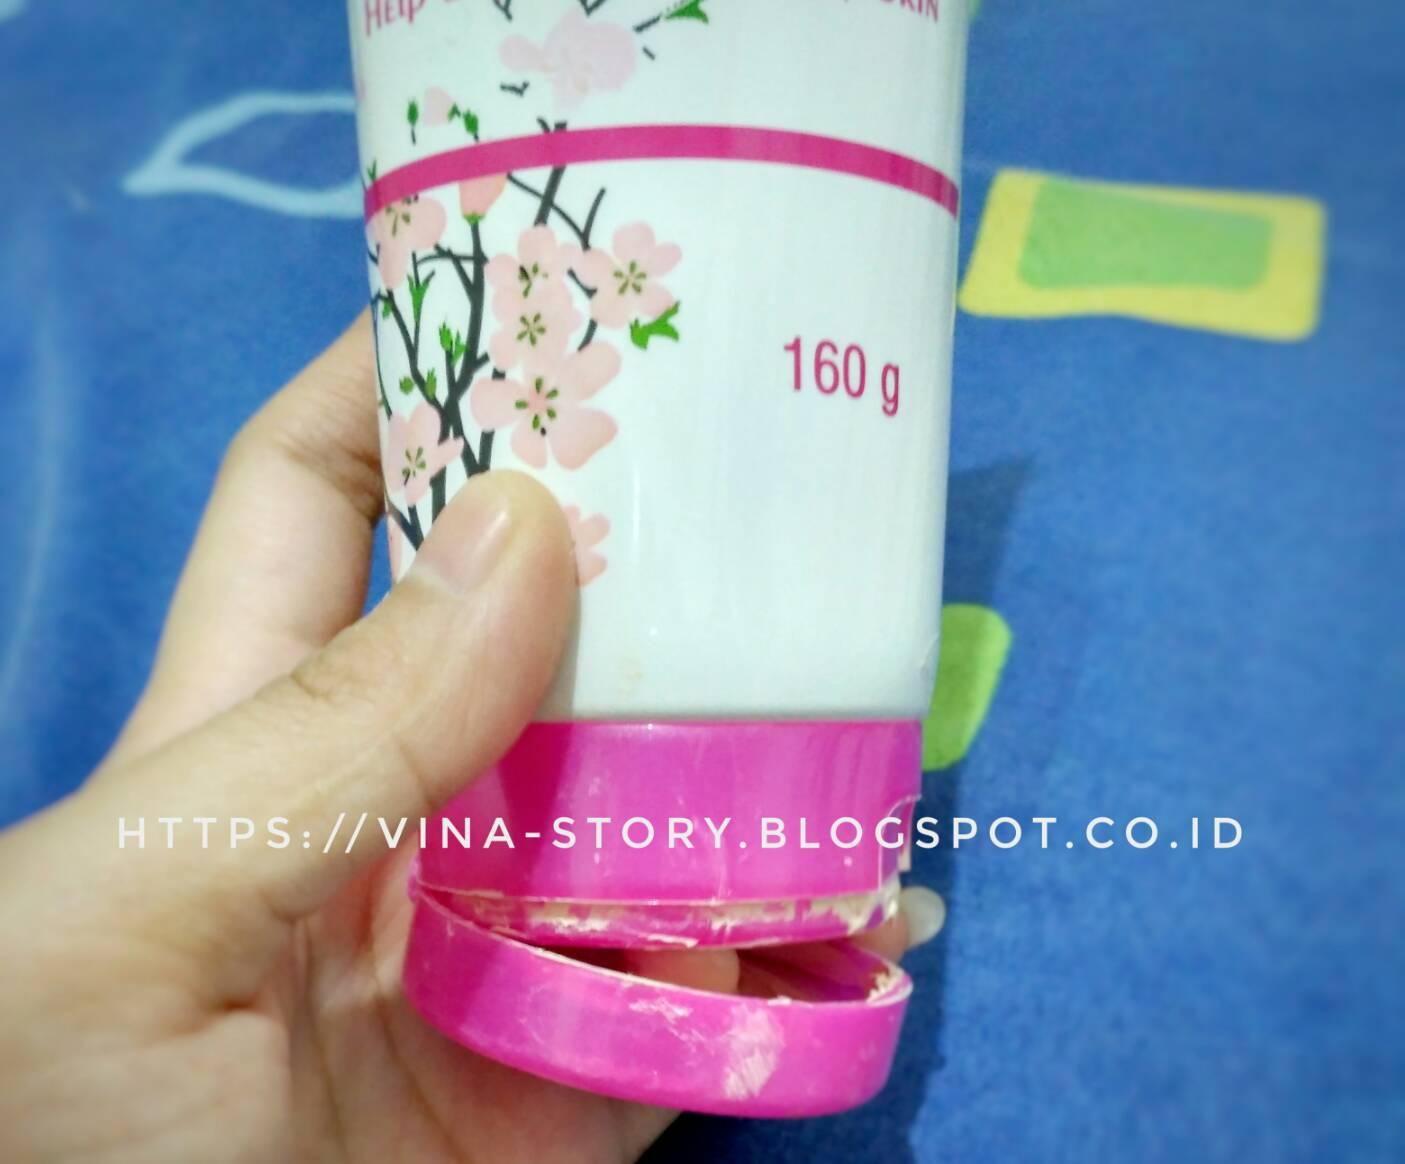 Vina Story Fair N Pink Whitening Body Serum Mencerahkan Kulit Badan 160ml Desainnya Pun Simple Sekali Dan Memuat Cukup Informasi Menurutku Samalah Dengan Konsep Packaging Produk Handbody Lotion Yang Banyak Beredar Dipasaran